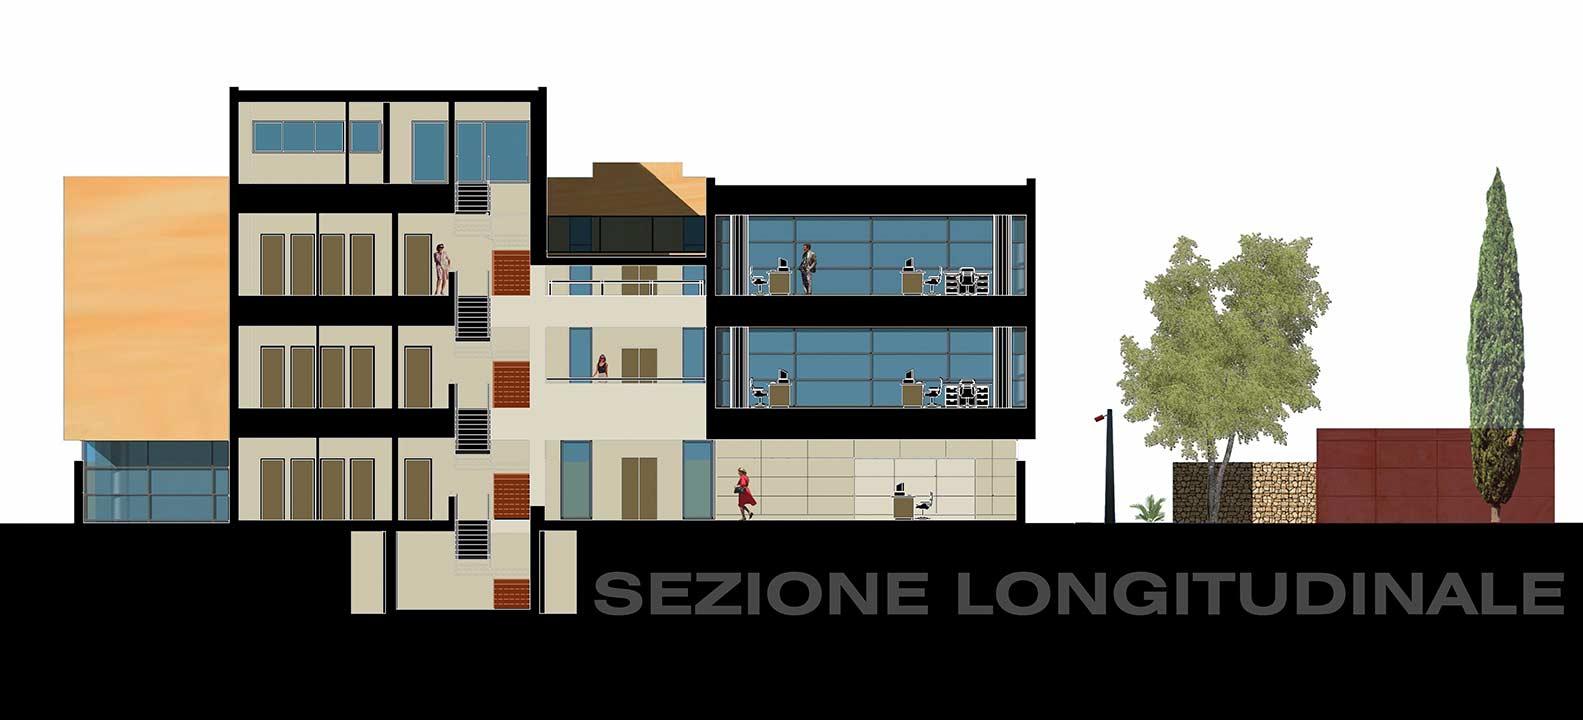 federico-lestini-progetto-dgl-logistic-gallery-1